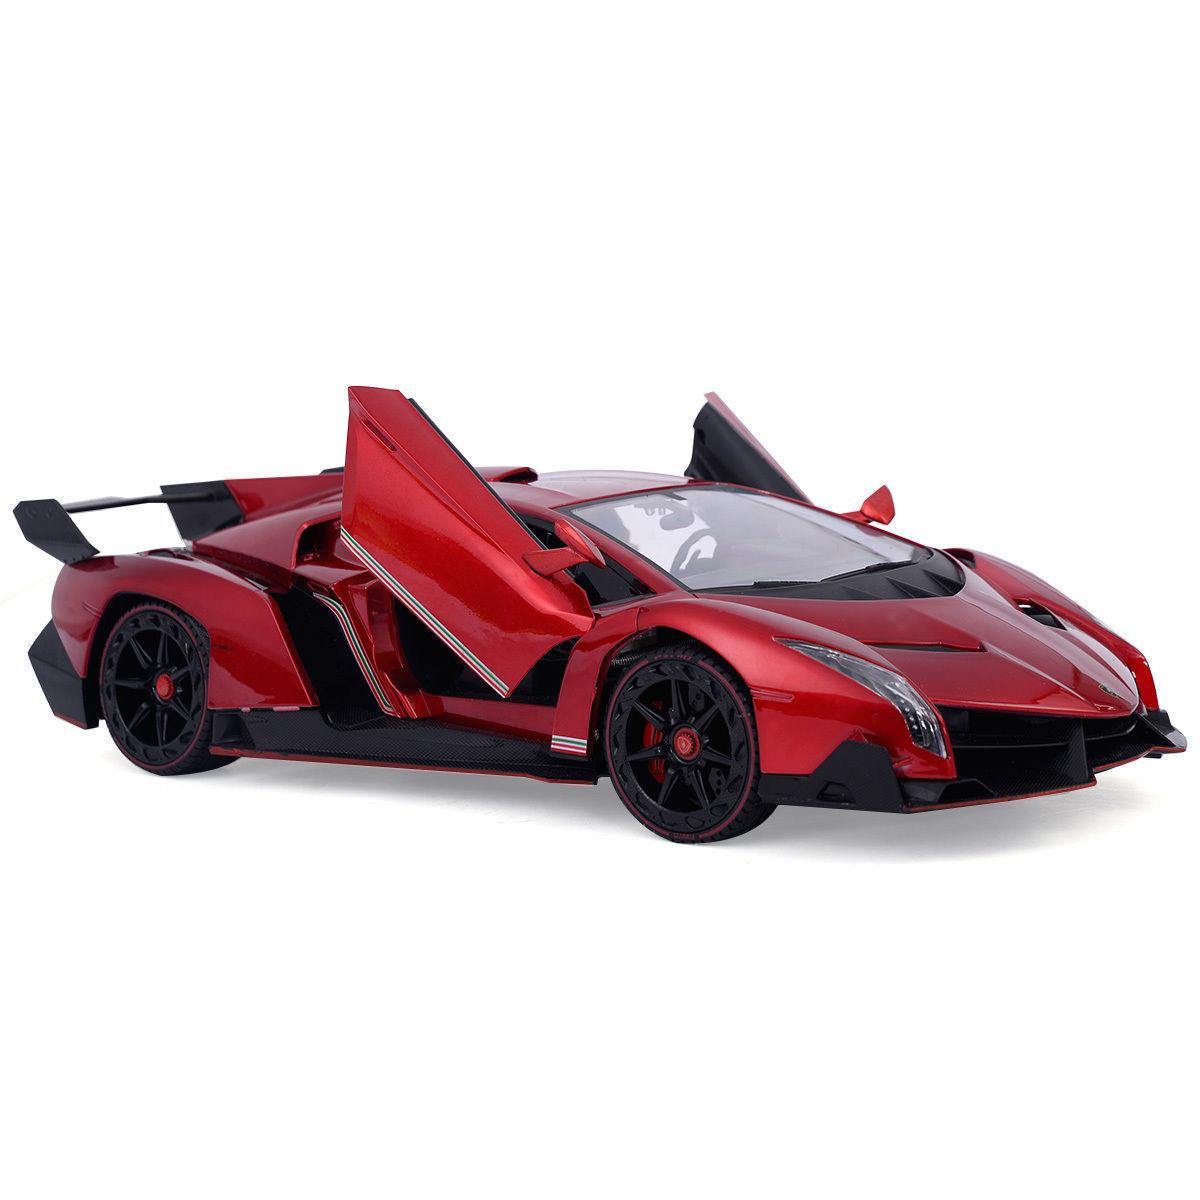 Lamborghini Veneno Sports Cars: R/C Lamborghini Veneno Electric Radio Remote Controlled